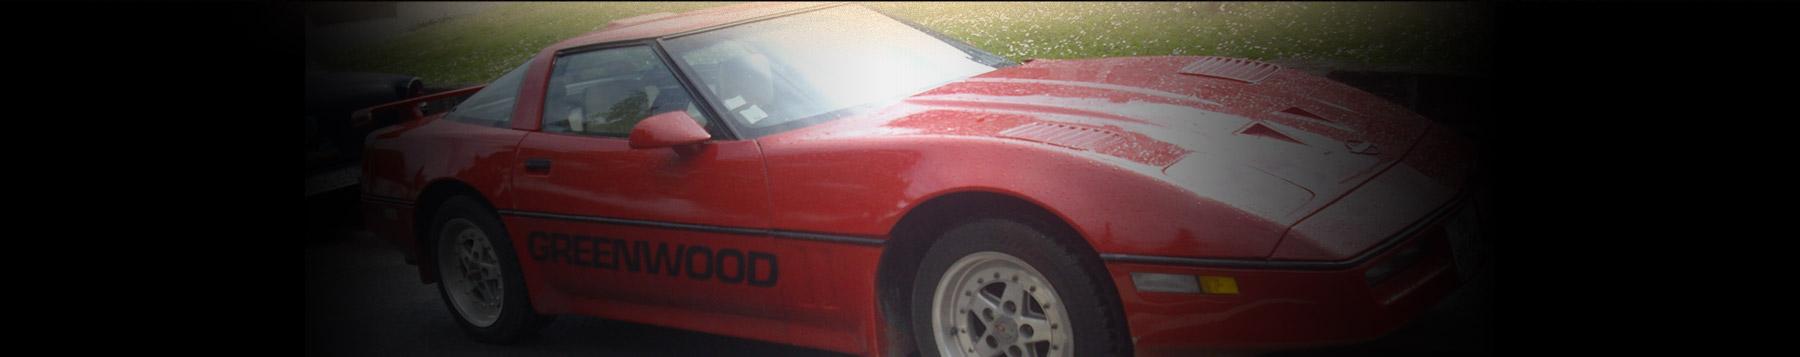 Entretien voiture par le garage automobile pr s de douai for Garage automobile tours nord